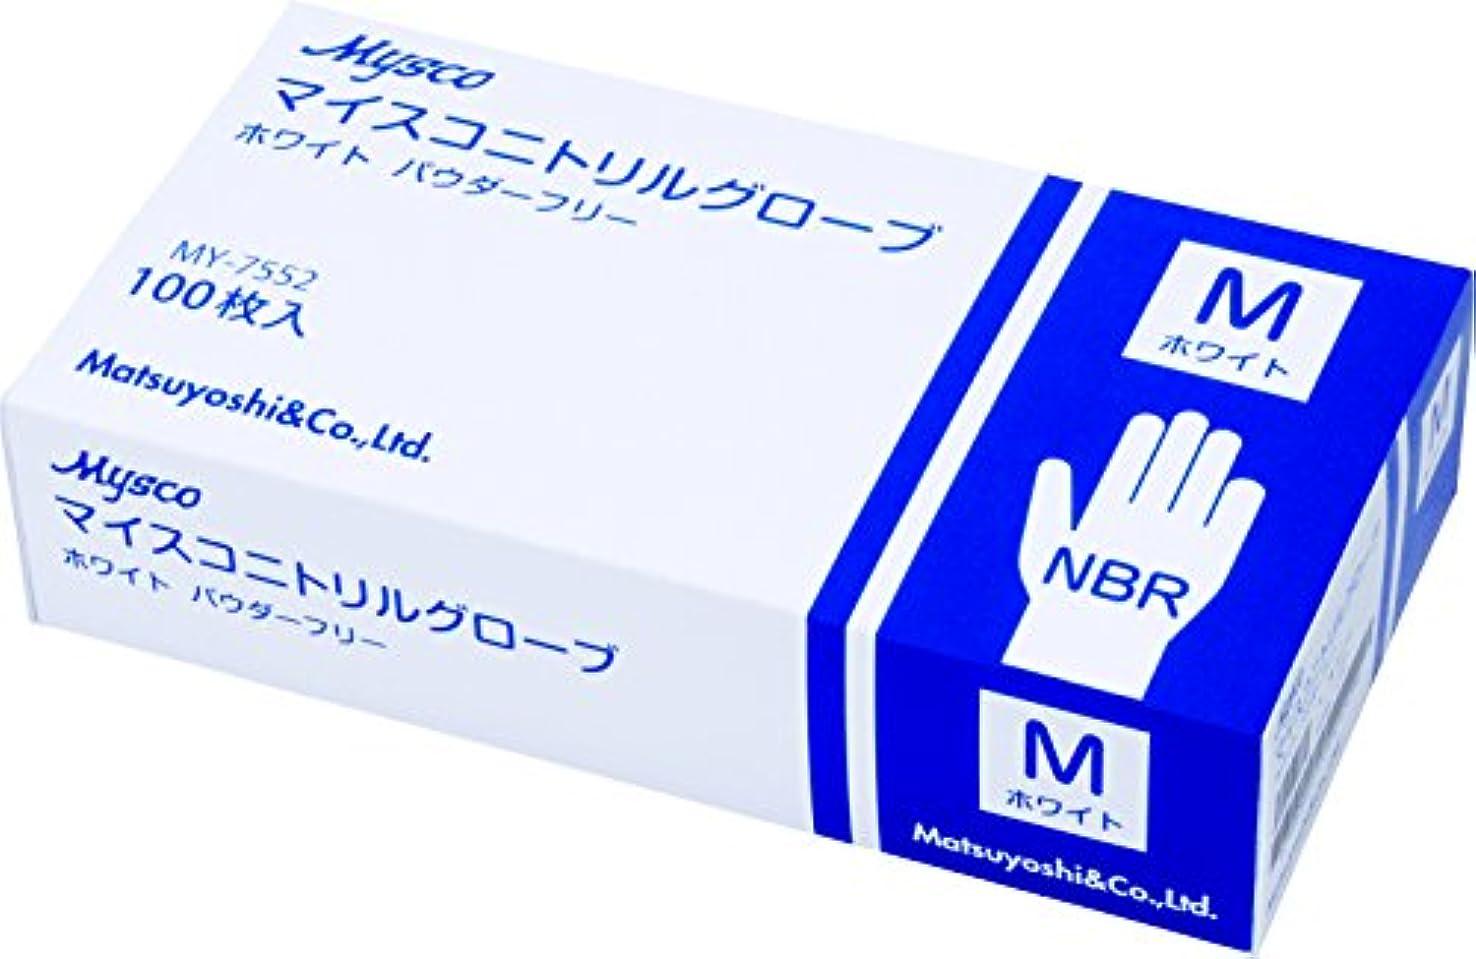 鉱夫つかの間びっくり使い捨て手袋 ニトリルグローブ ホワイト 粉なし(サイズ:M)100枚入り 病院採用商品